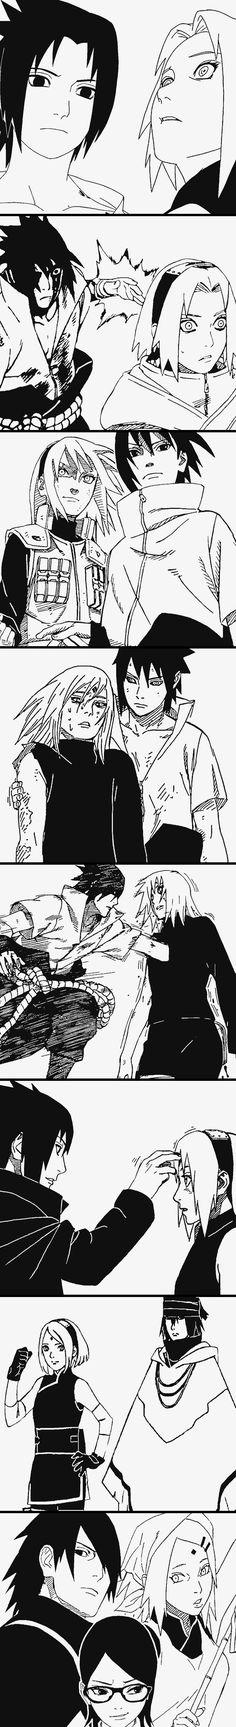 Sasuke and Sakura sasusaku